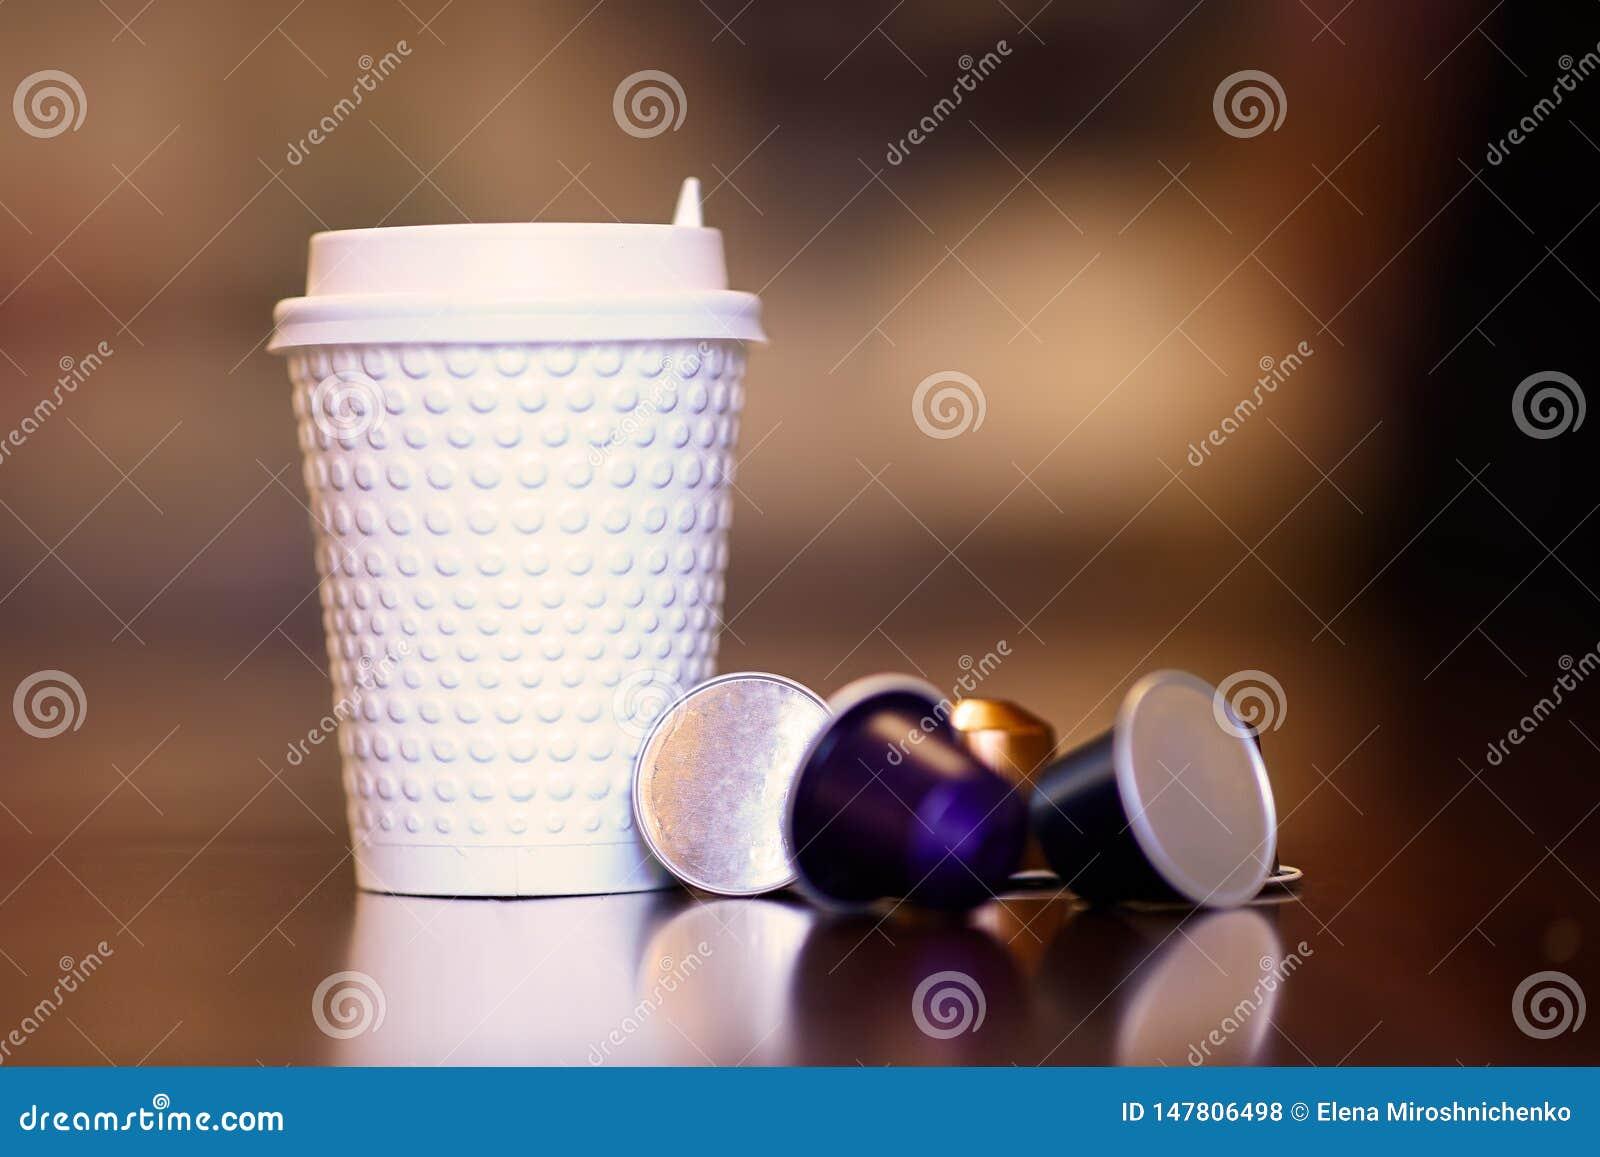 Imagem ascendente próxima do copo plástico branco do coffe com alguns cartuchos substituíveis coloridos com café